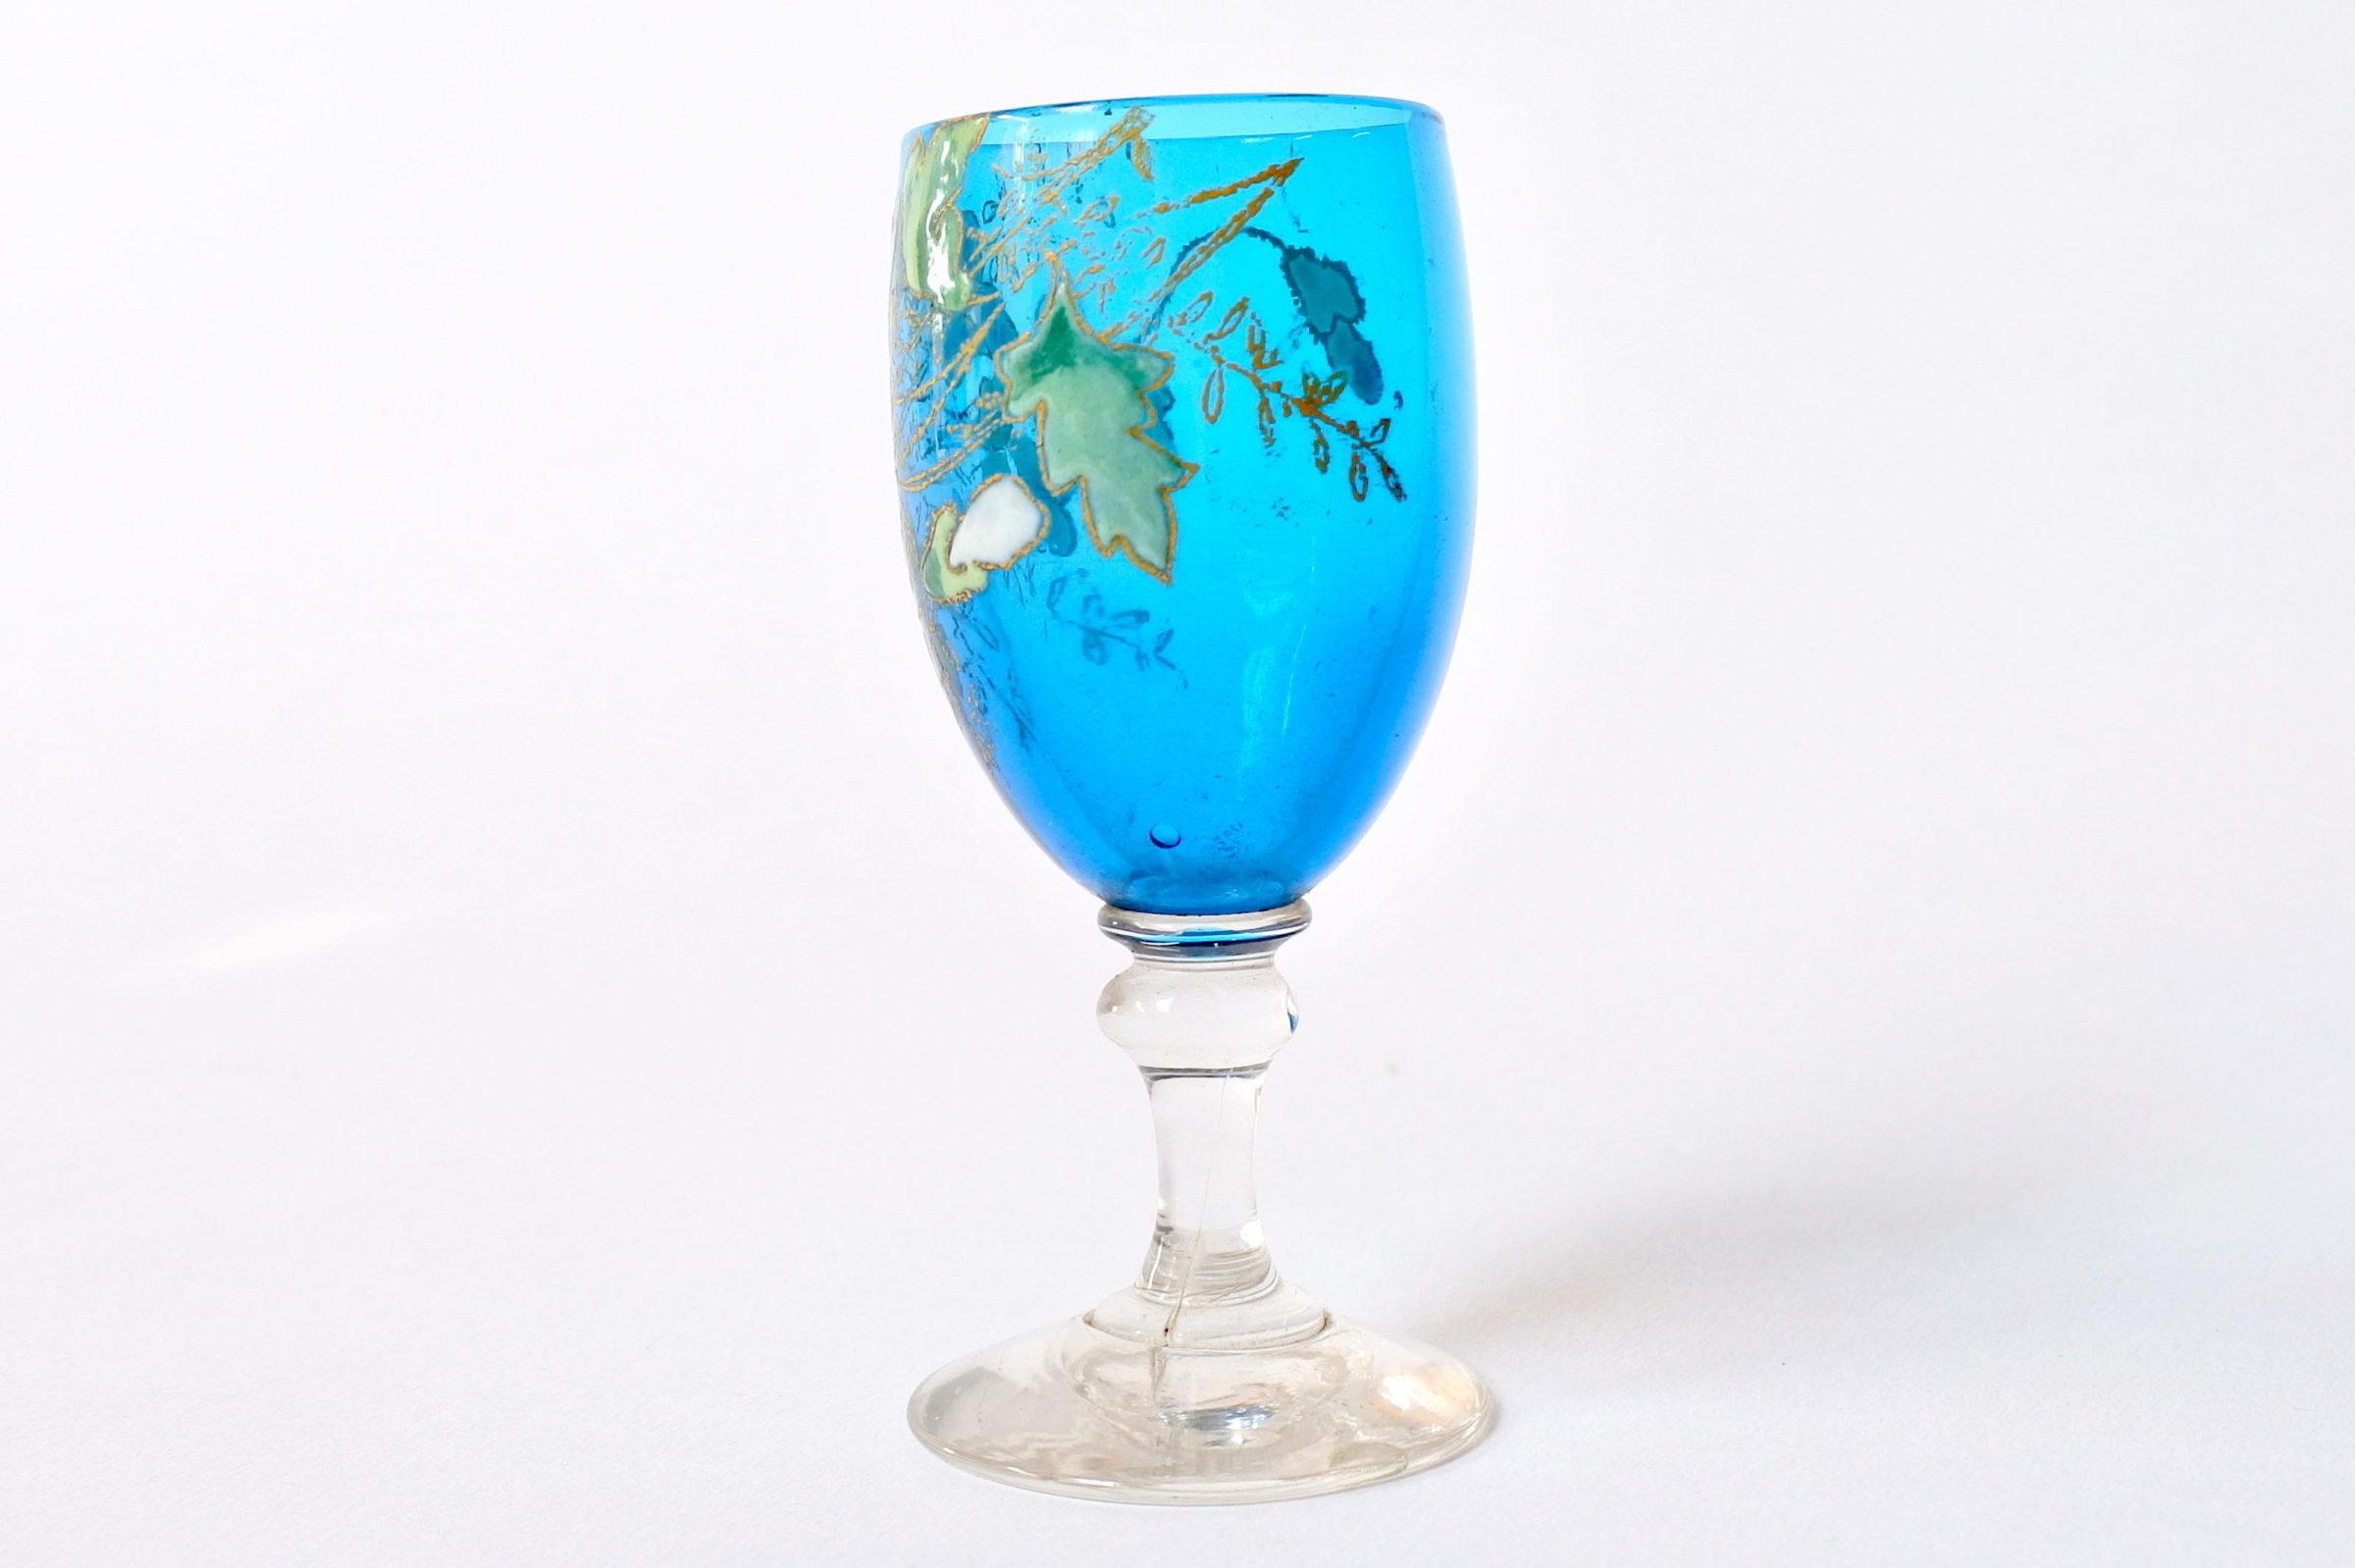 6 bicchierini Legras a calice in vetro soffiato con rami di fiori smaltati - 3